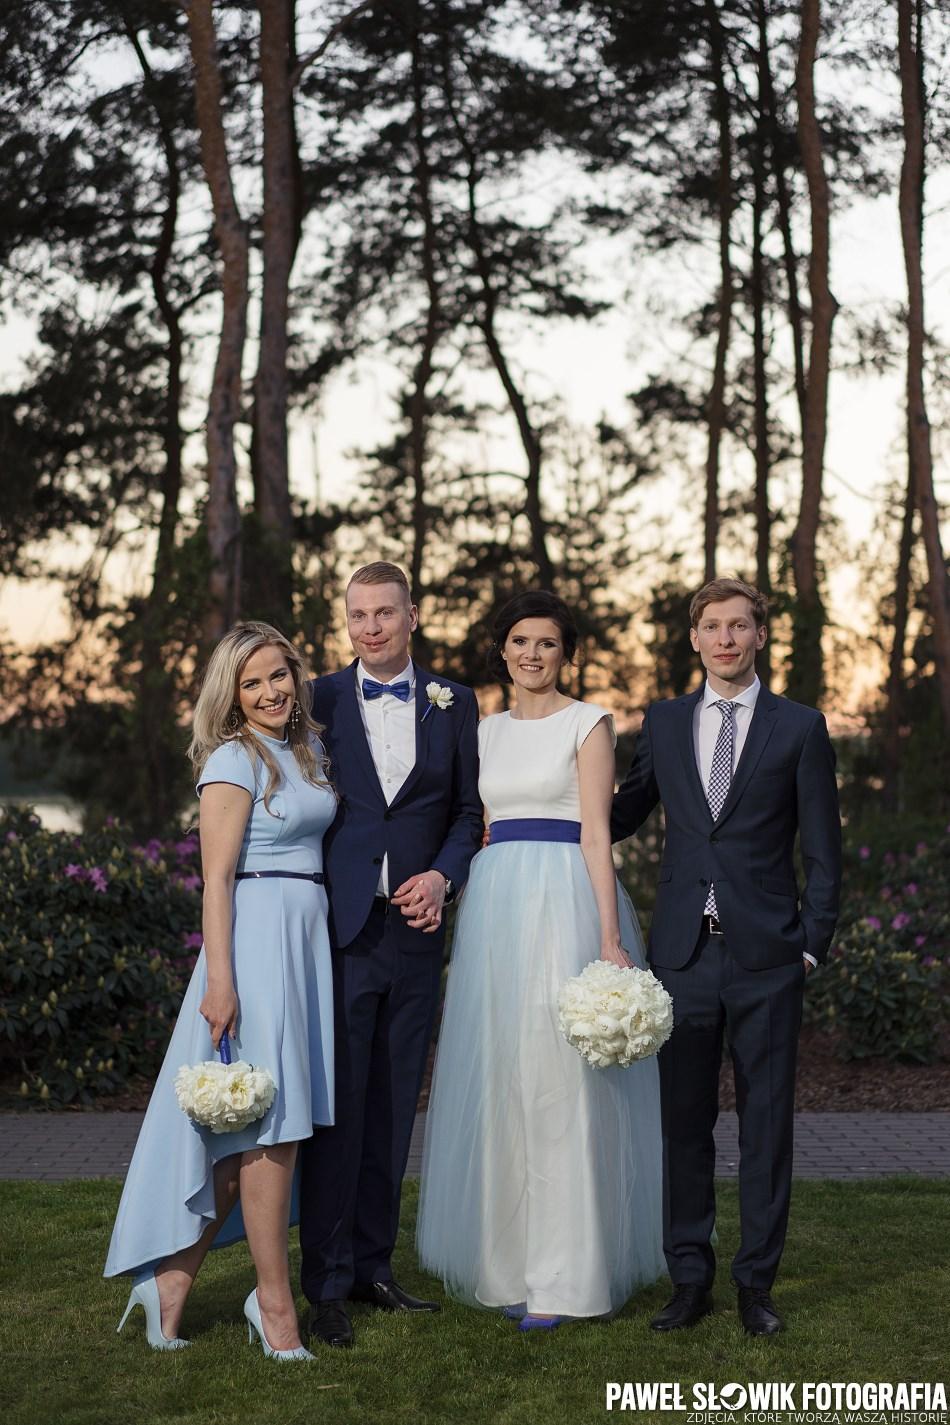 szybka sesja ślubna w dniu ślubu ze świadkami